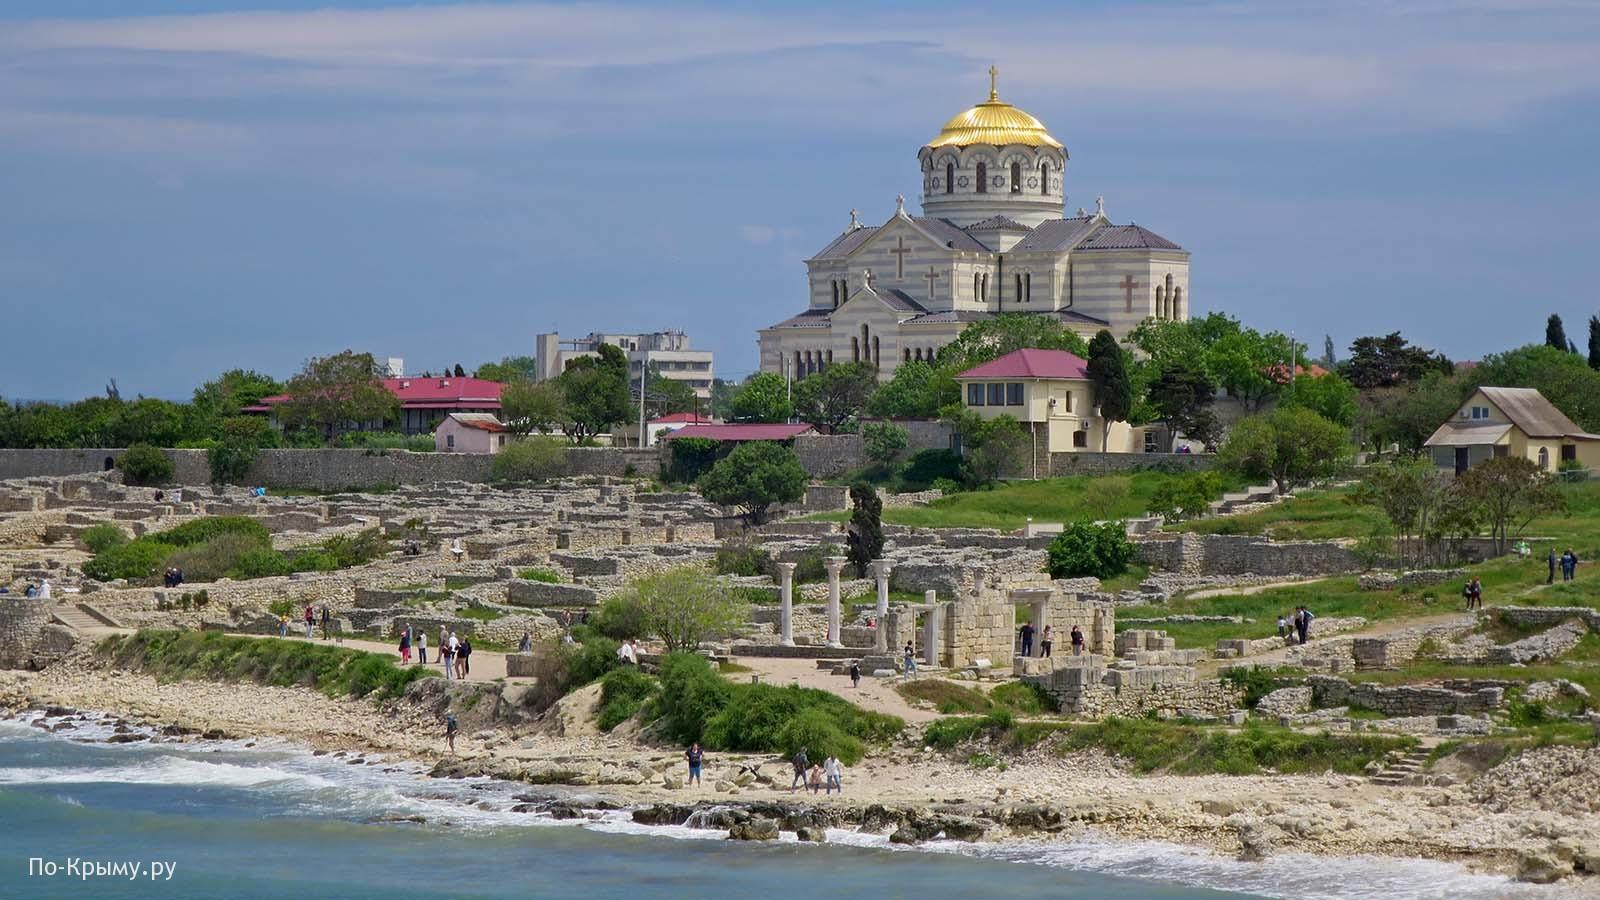 Херсонес Таврический и Владимирский собор